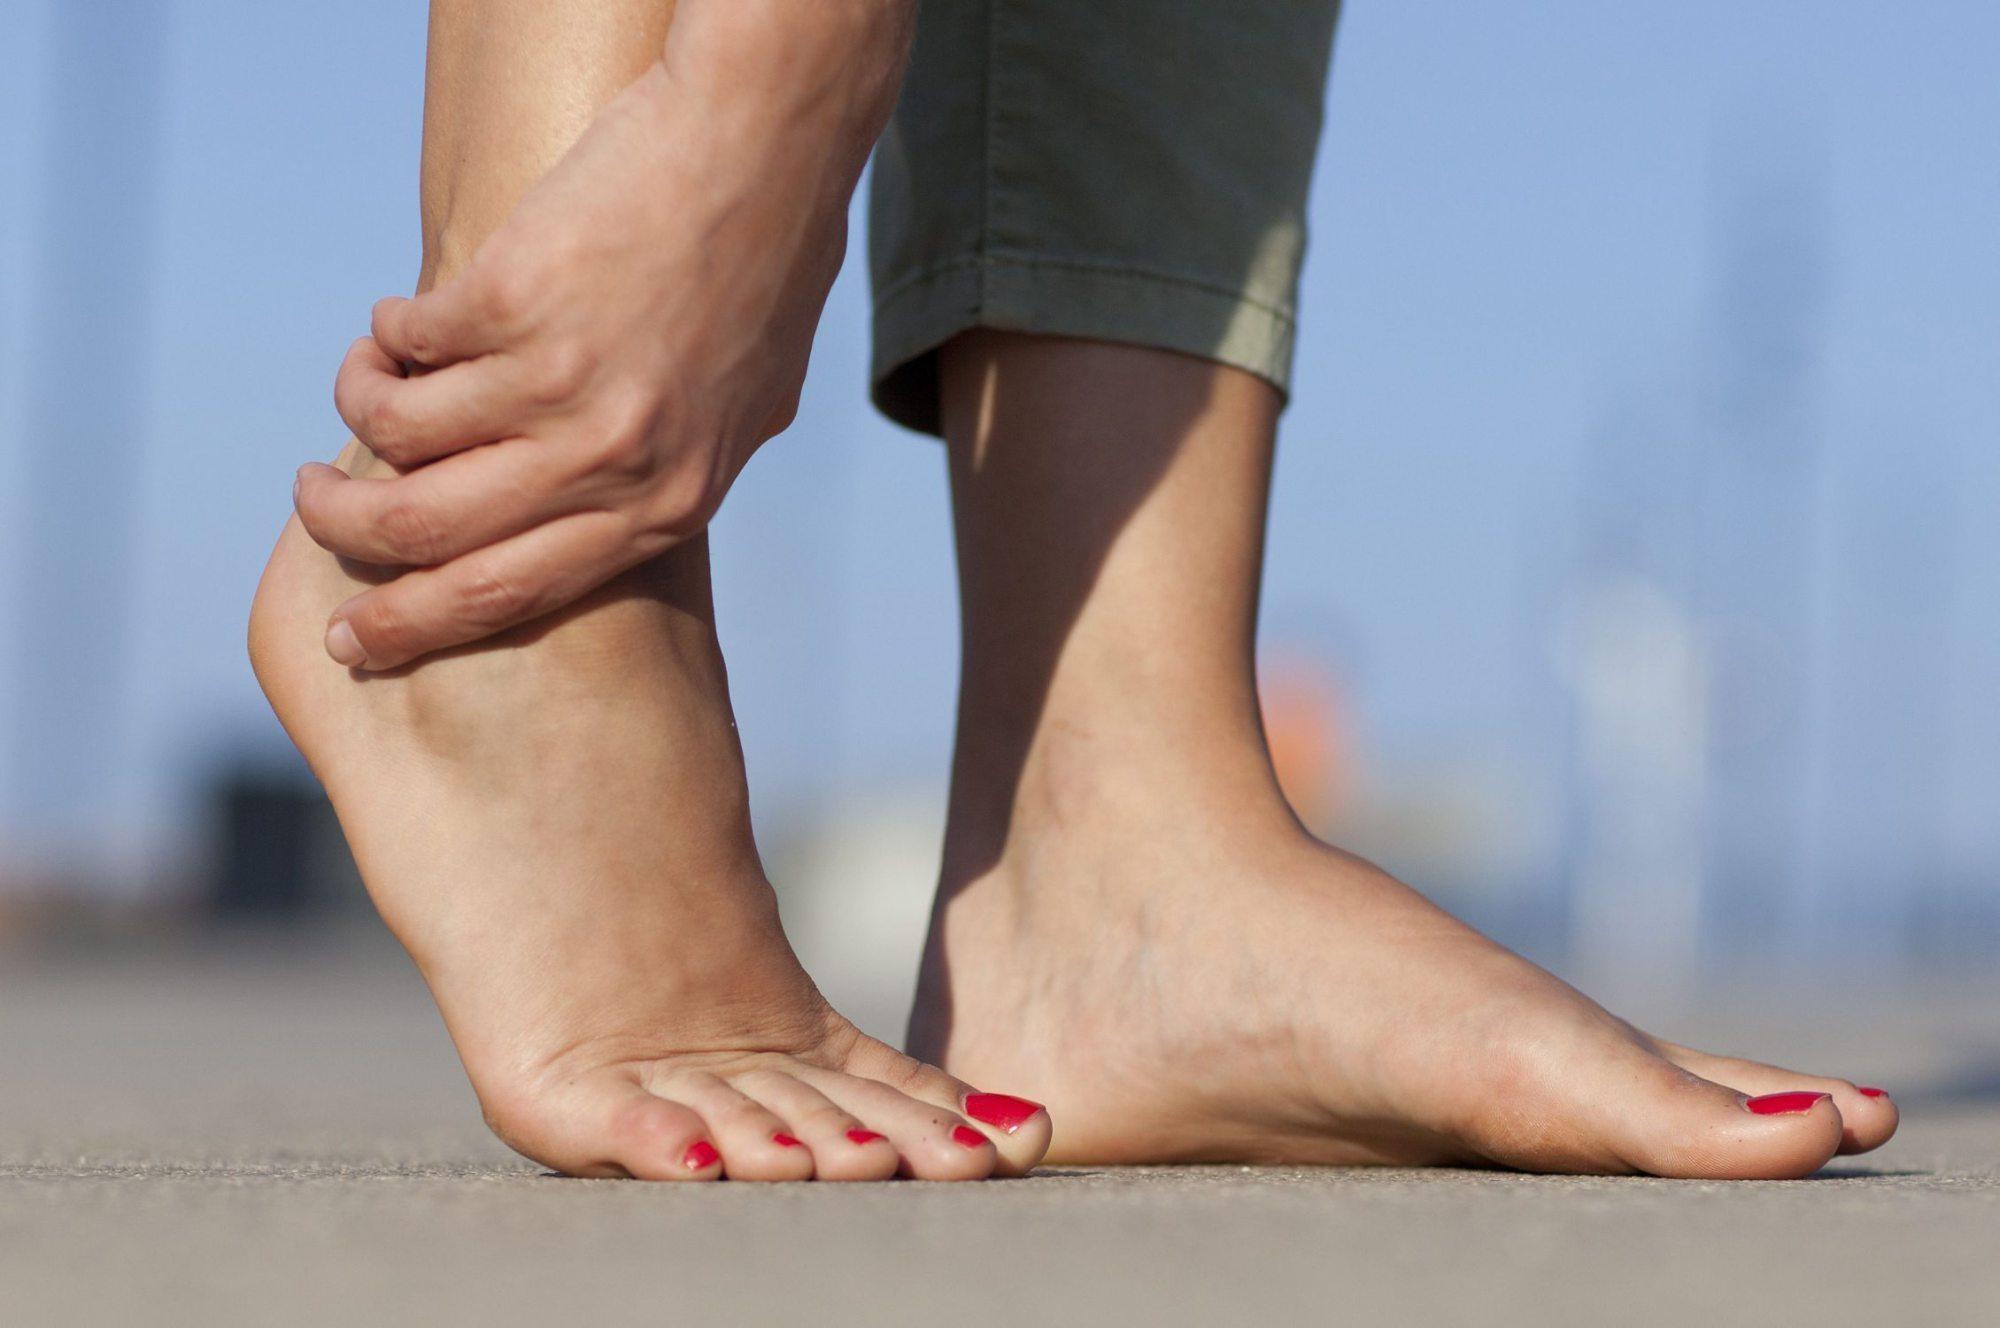 Algumas sessões leves de alongamentos durante e depois dos exercícios, além de aplicações de gelo para o resfriamento do local, podem ser suficientes para evitar a mialgia.